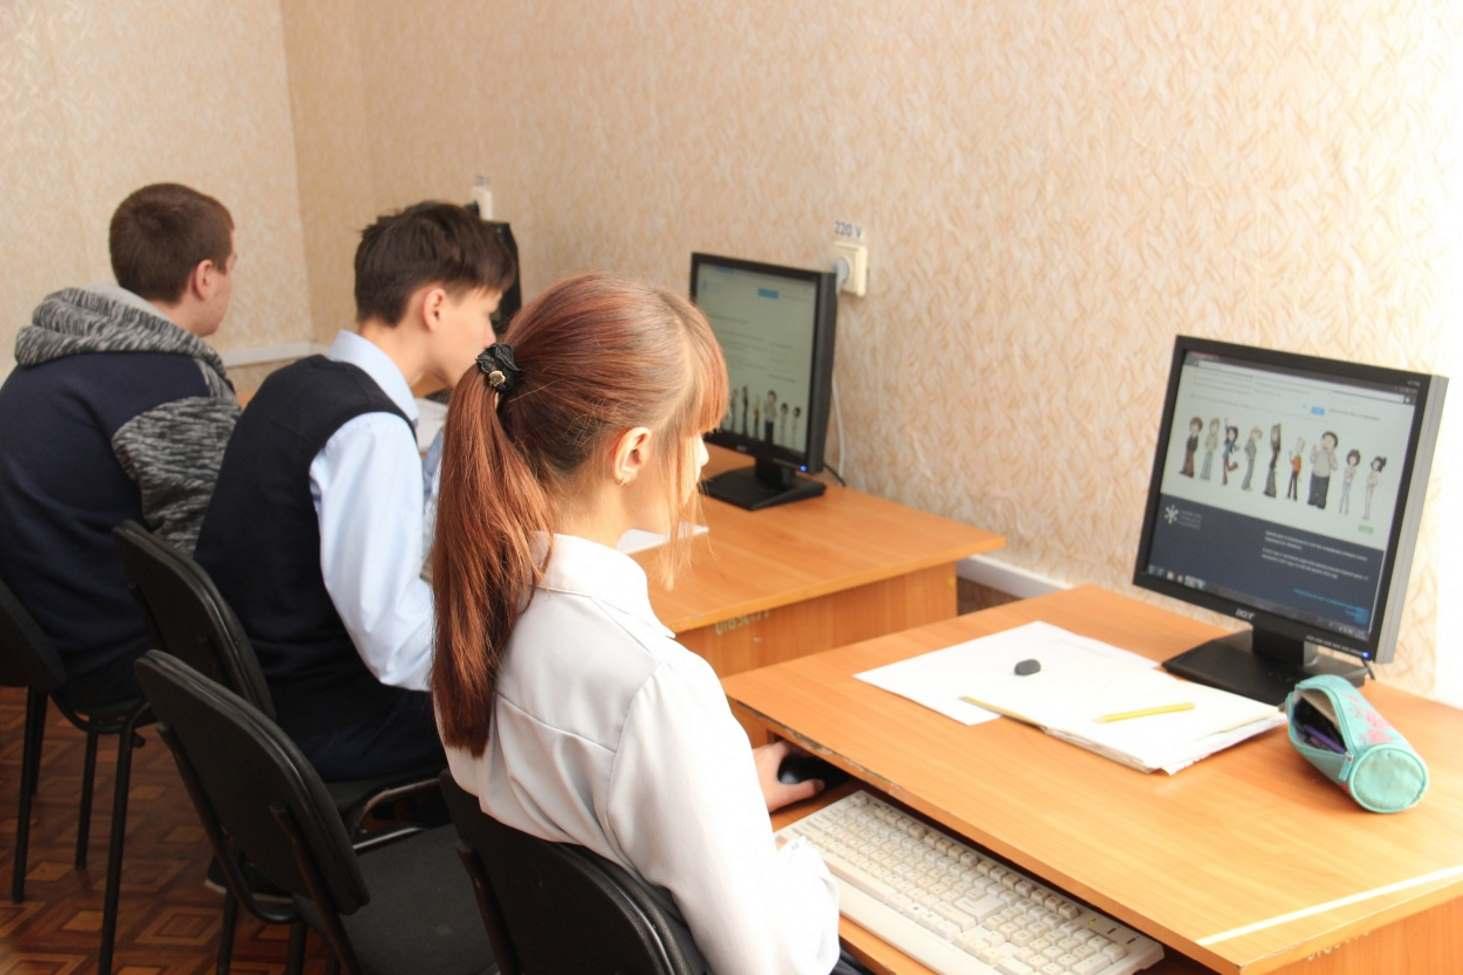 Рособрнадзор проводит тренировочный ЕГЭ по информатике на компьютерах